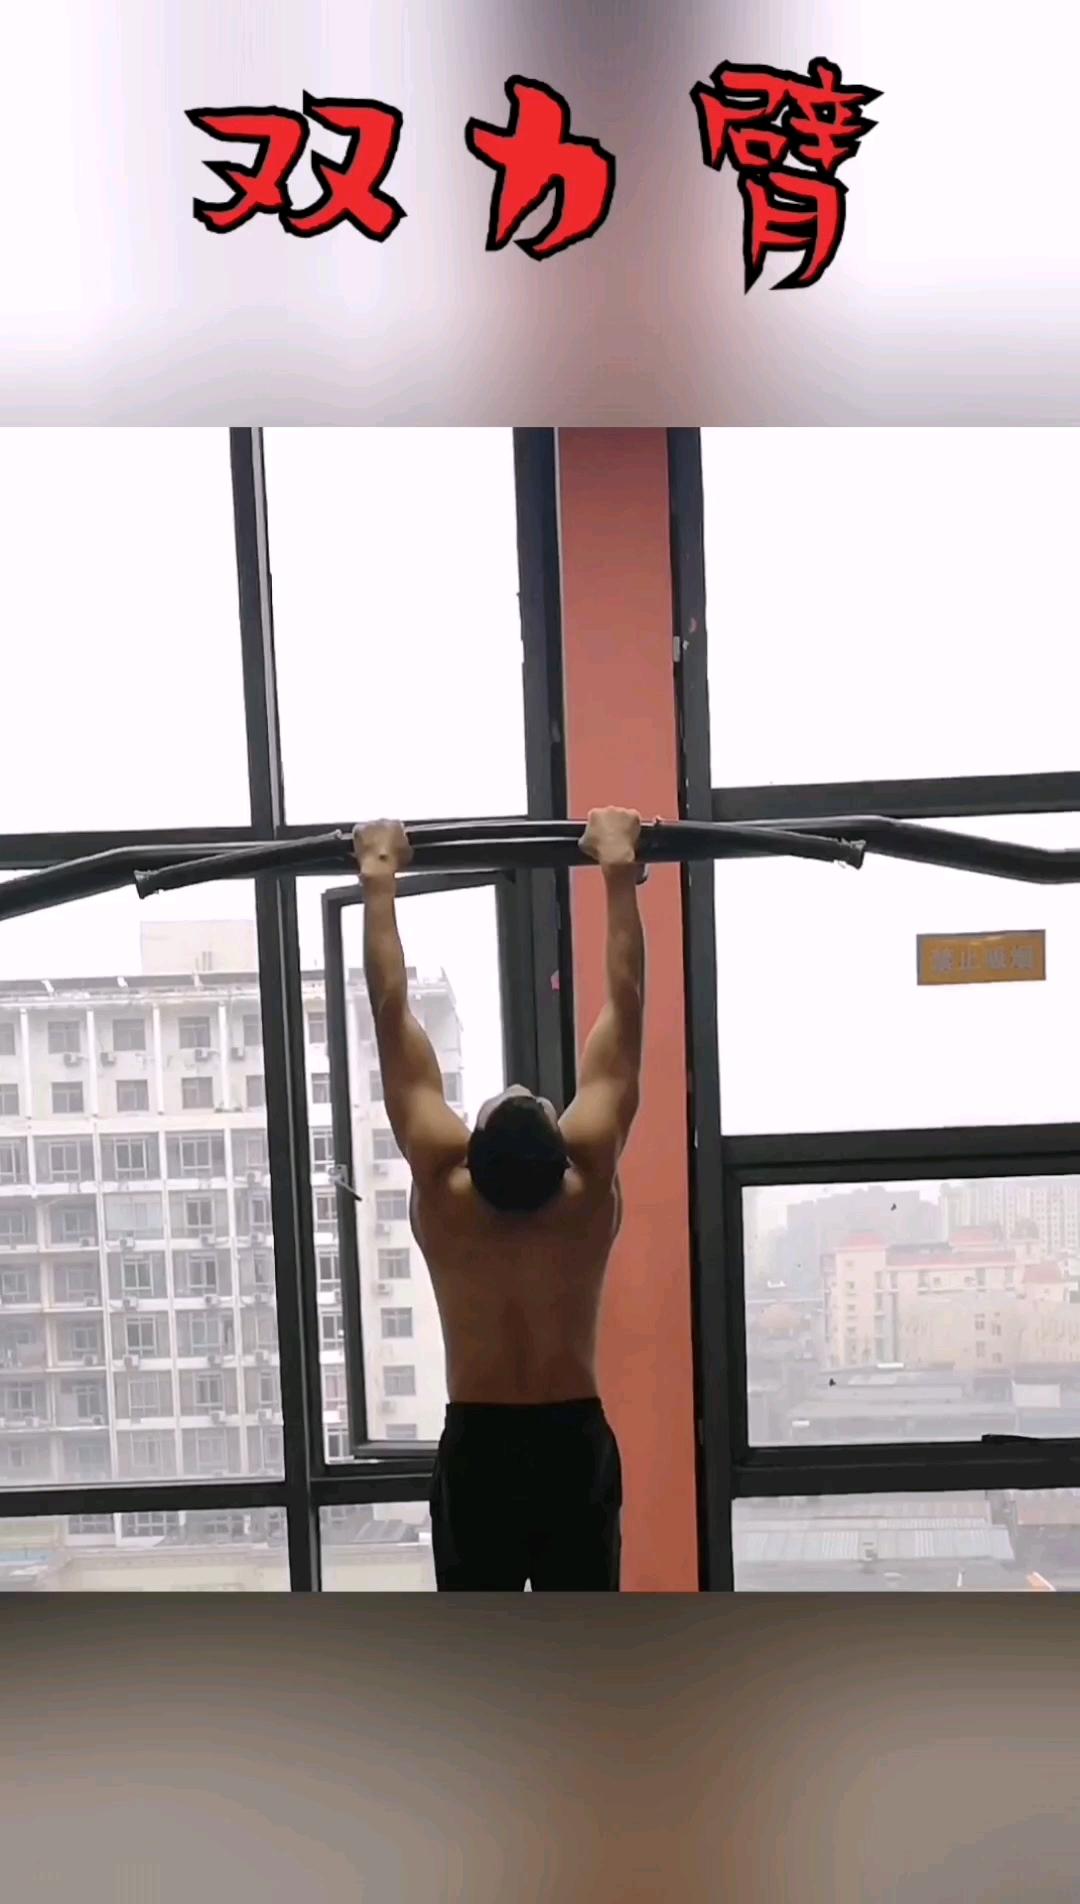 石家庄超越健身次卡_街头健身吧-百度贴吧--致力于发展街头健身文化,强健体魄--分享 ...